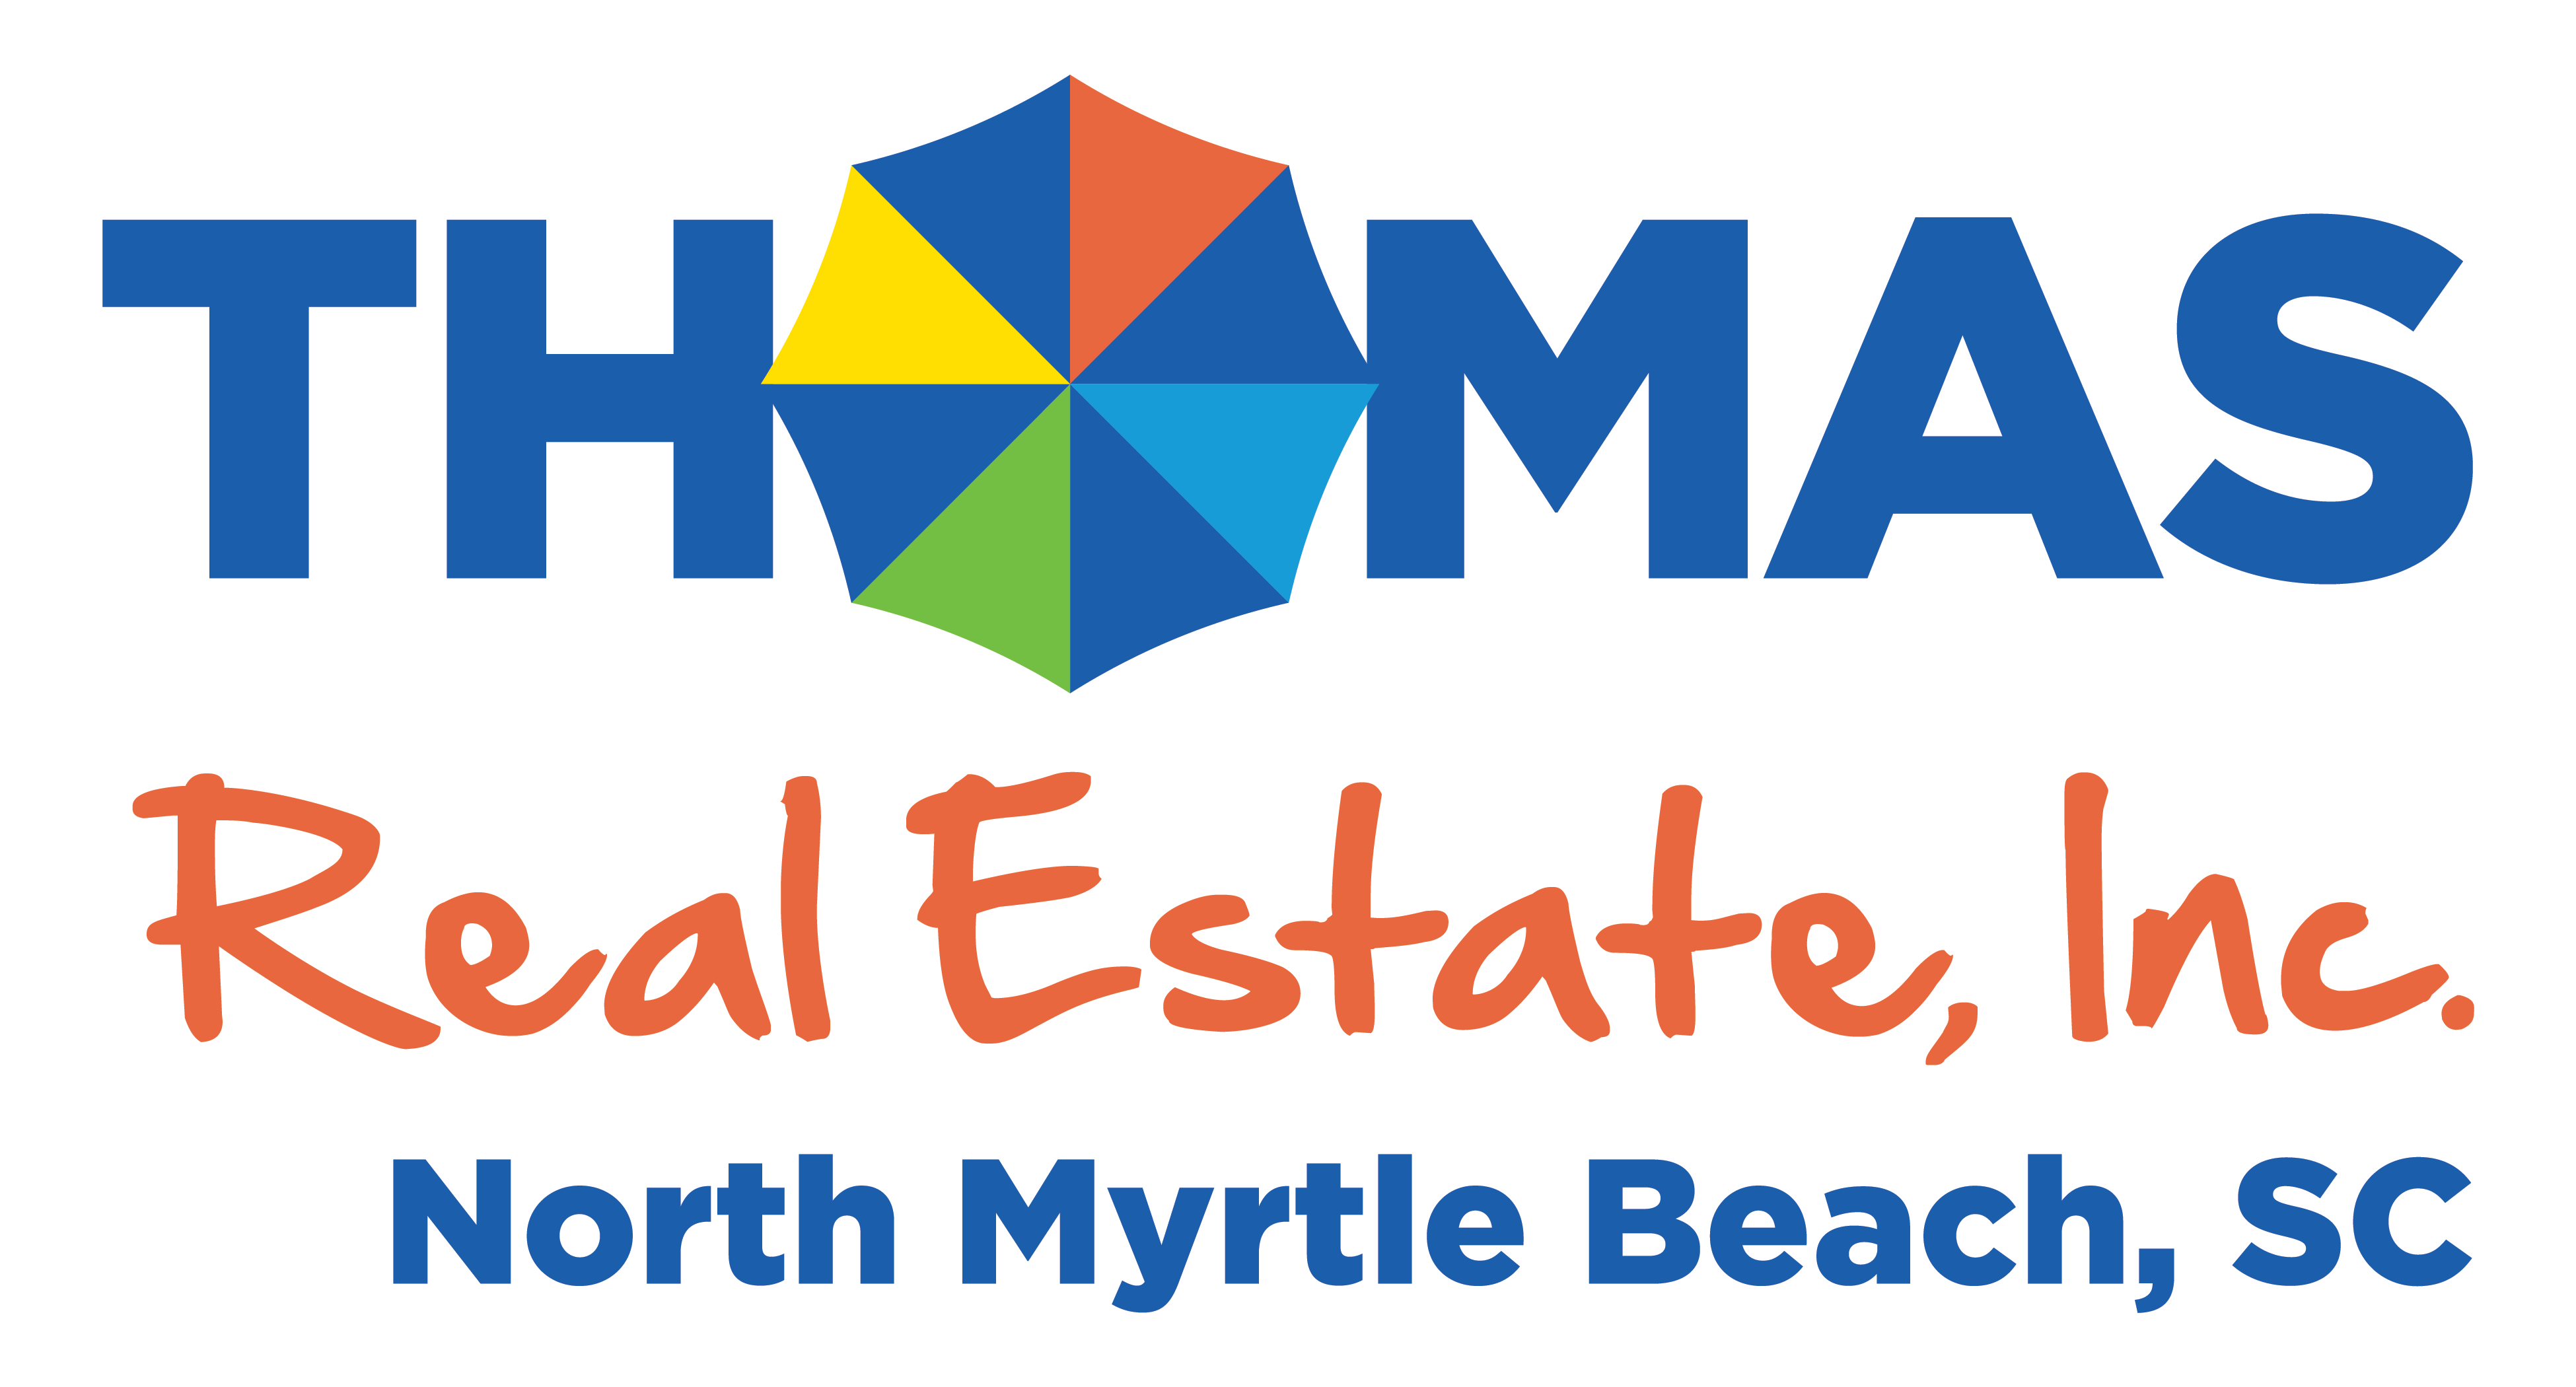 Century 21 Thomas Real Estate NMB